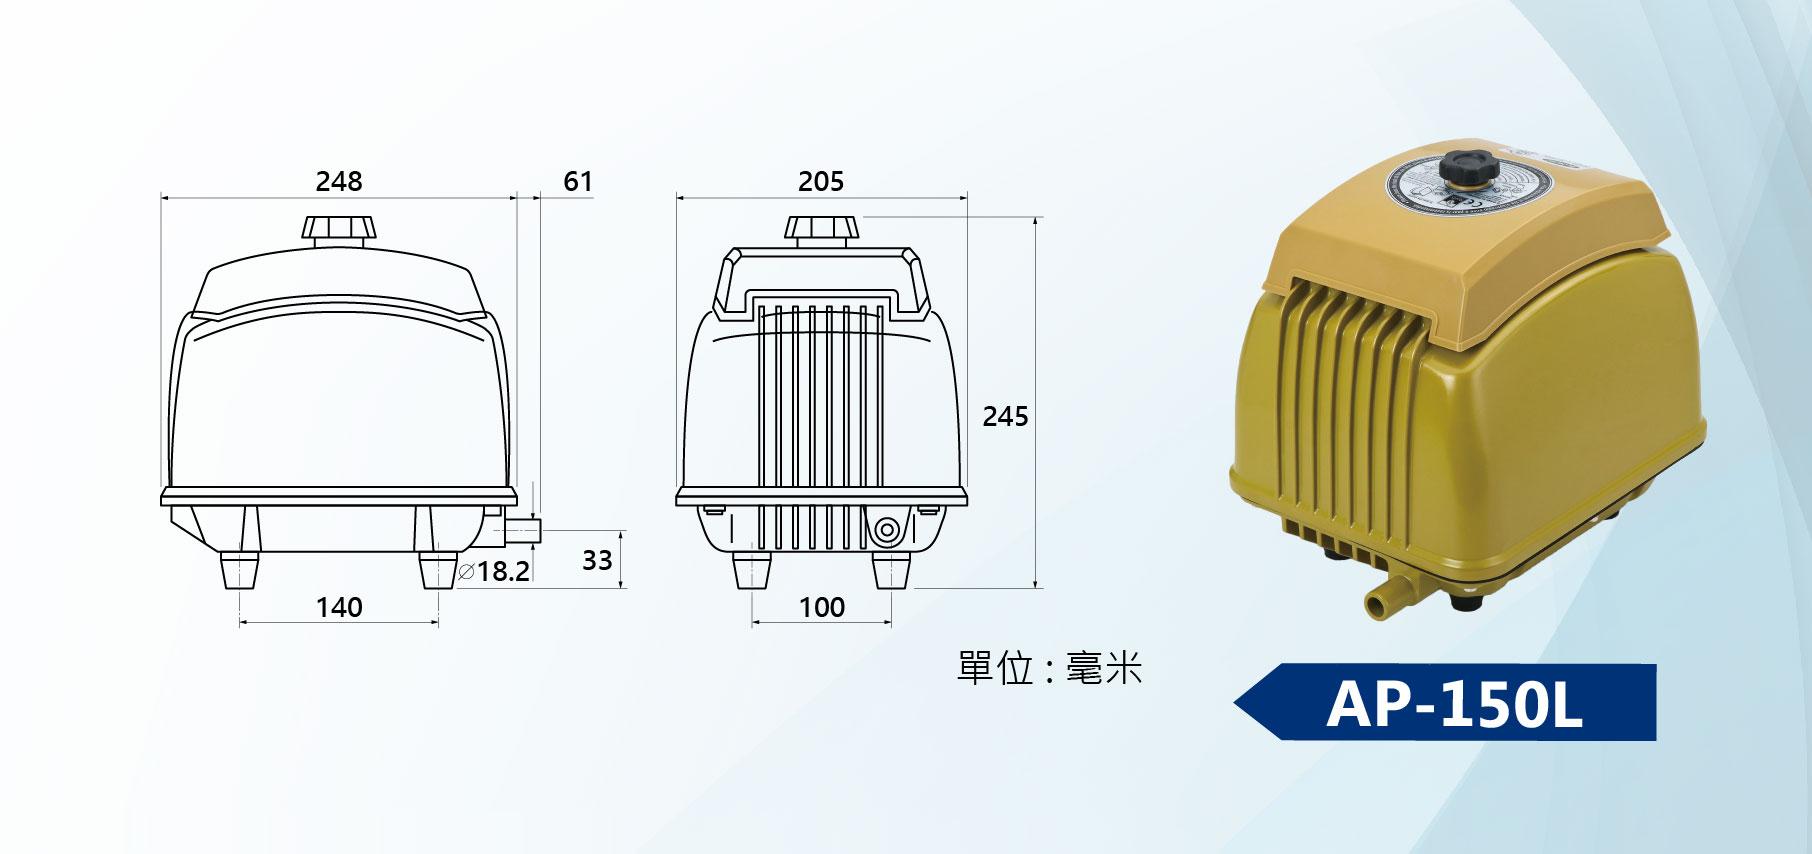 AP-150L Linear Air Pump Dimension